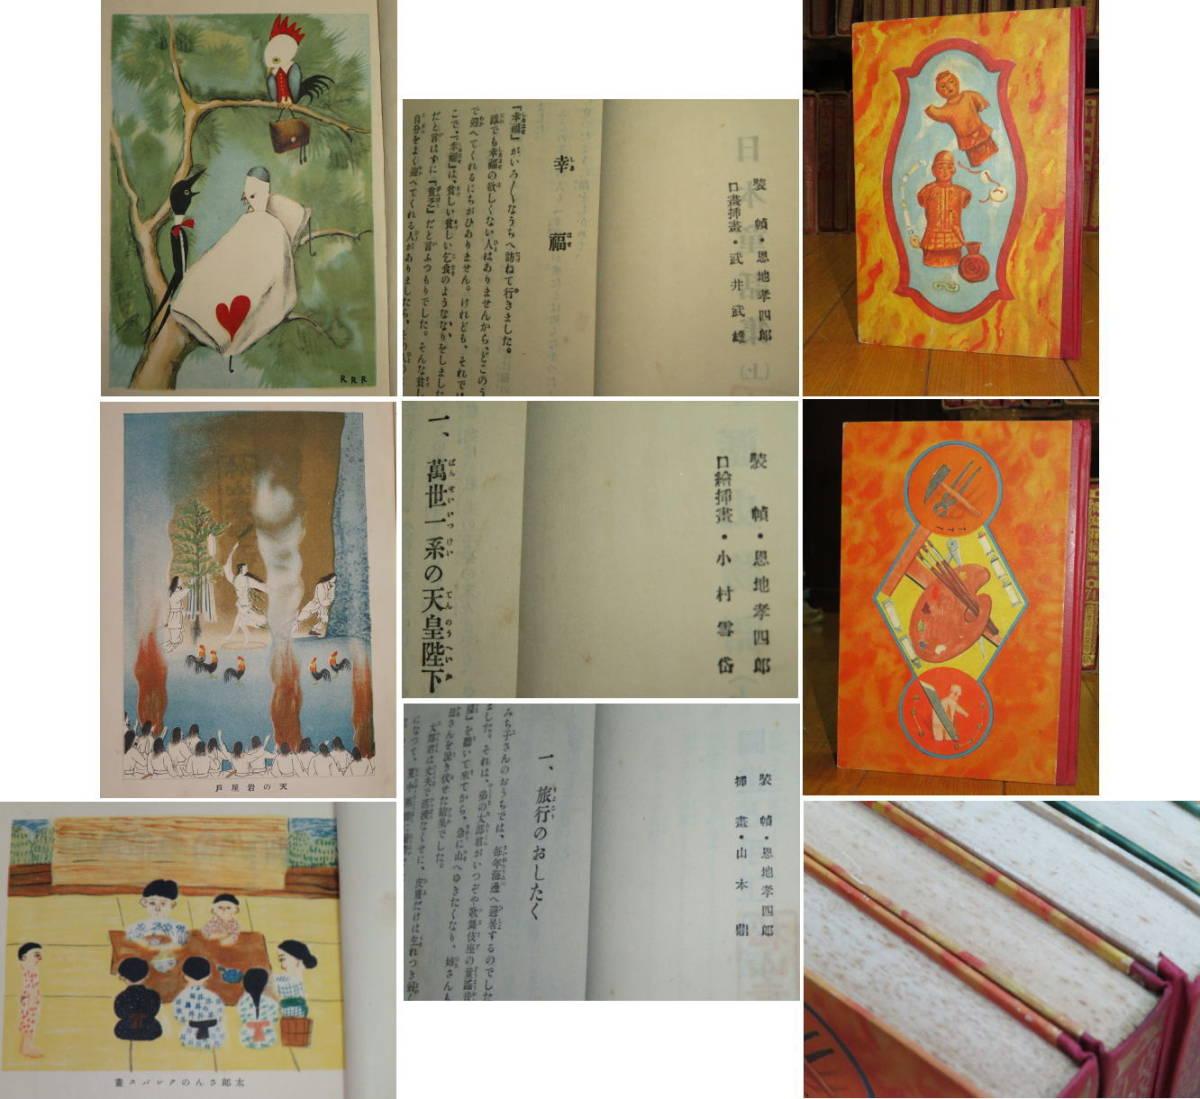 希少本 ARS アルス 日本児童文庫 昭和3~5年発行 74冊セット (全76冊のうち46・68欠品)_画像6